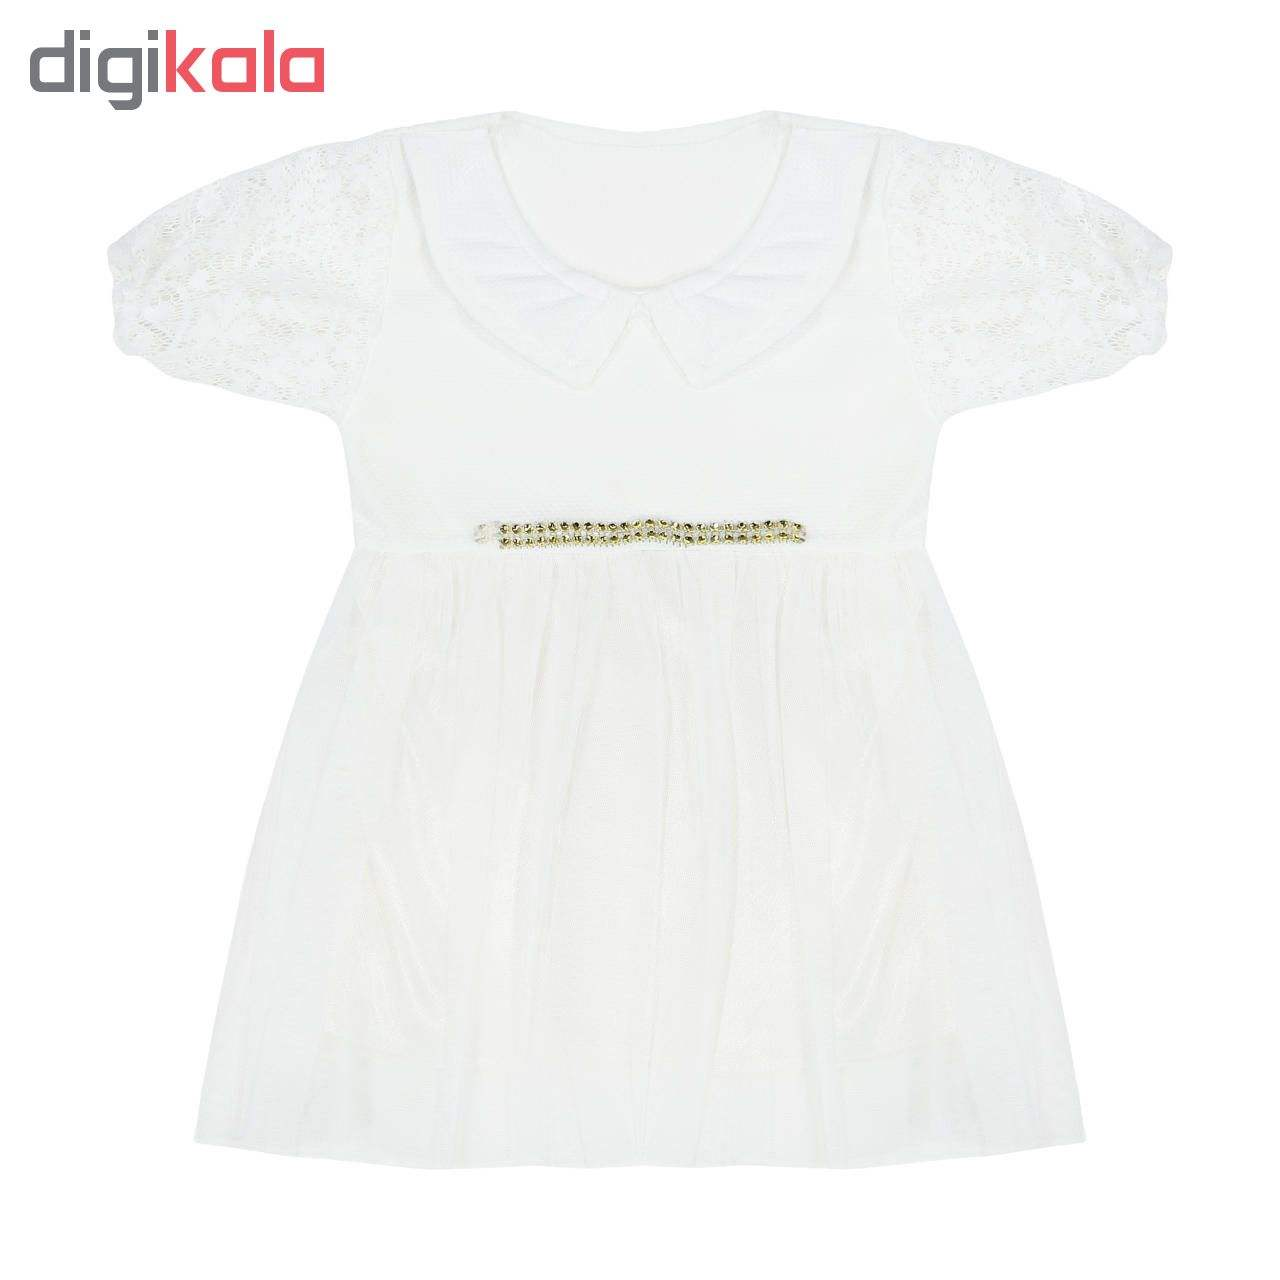 پیراهن دخترانه کد 102.2.1 مجموعه 3 عددی main 1 4